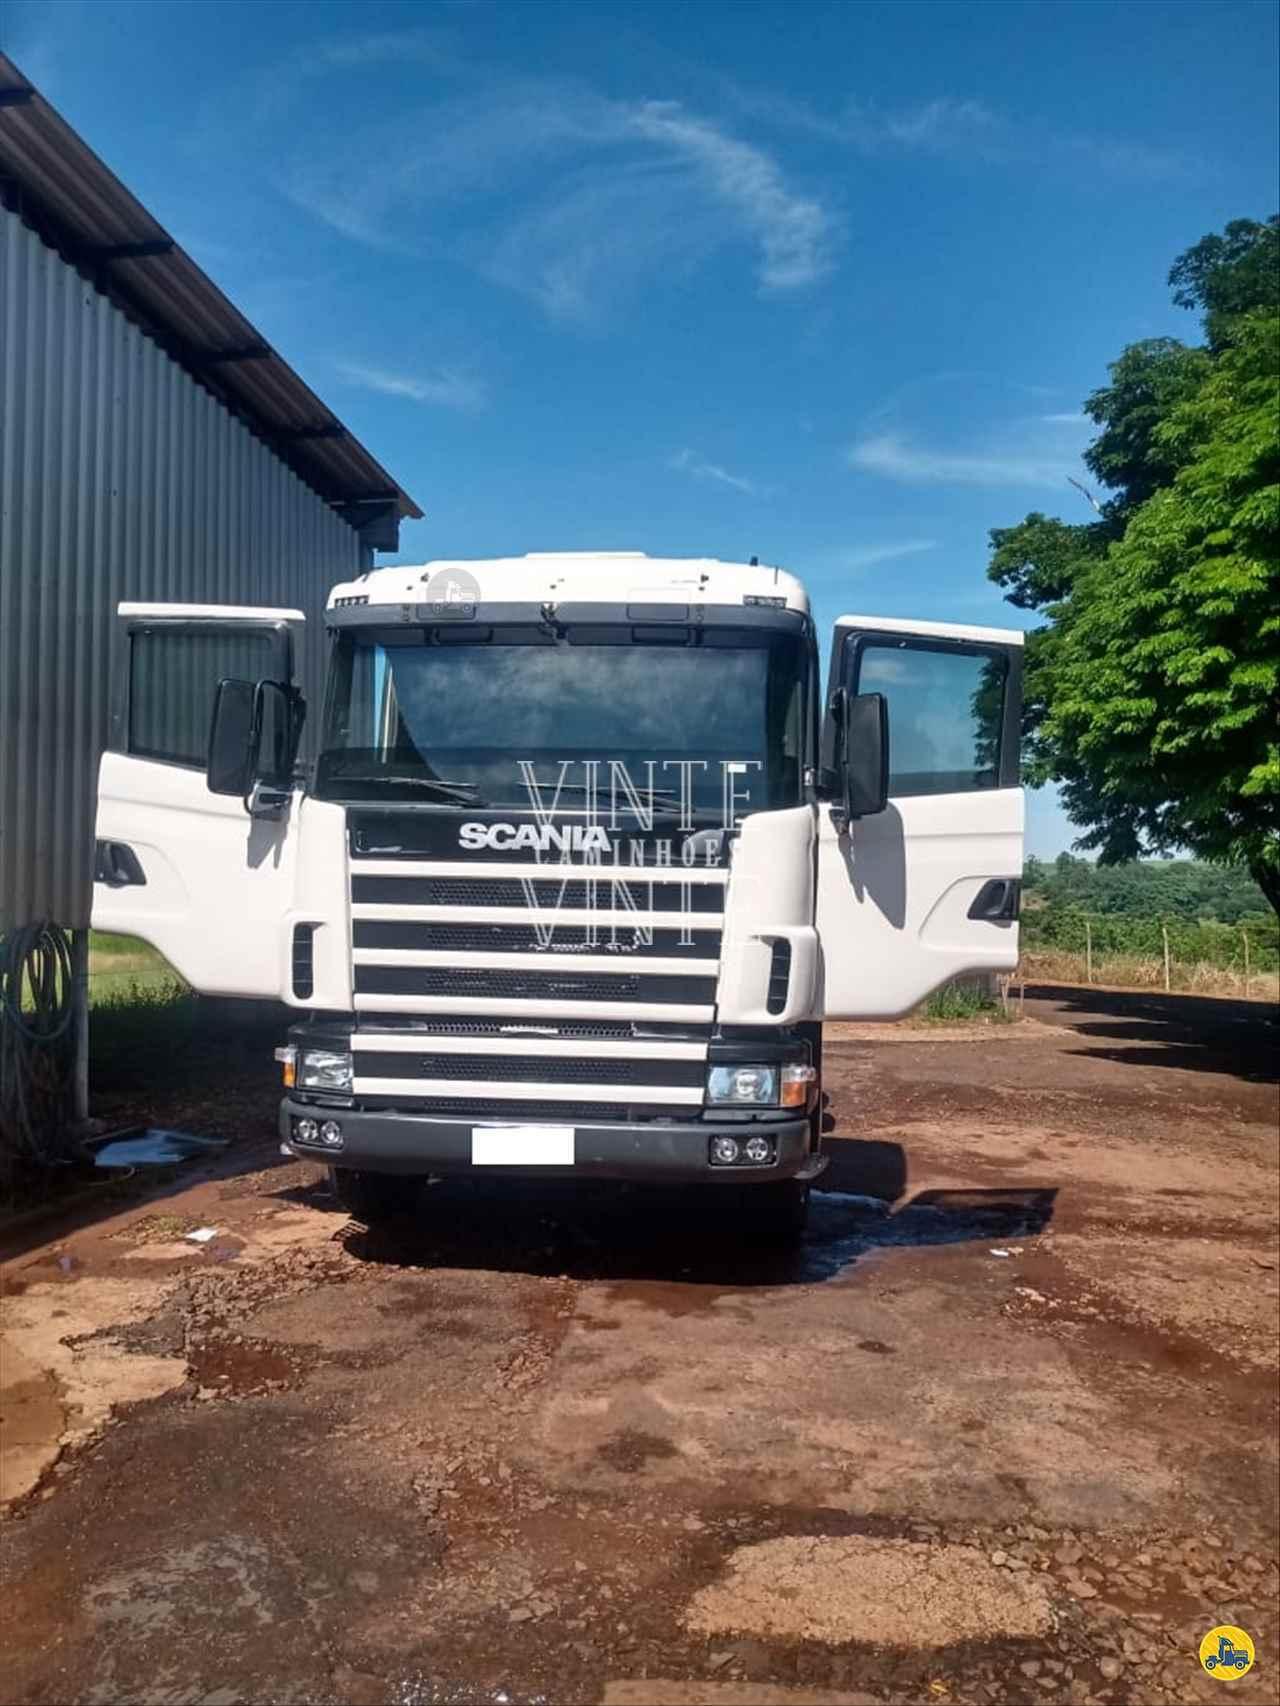 CAMINHAO SCANIA SCANIA 124 360 Cavalo Mecânico Truck 6x2 Vinte-Vinte Caminhões SANTO ANDRE SÃO PAULO SP